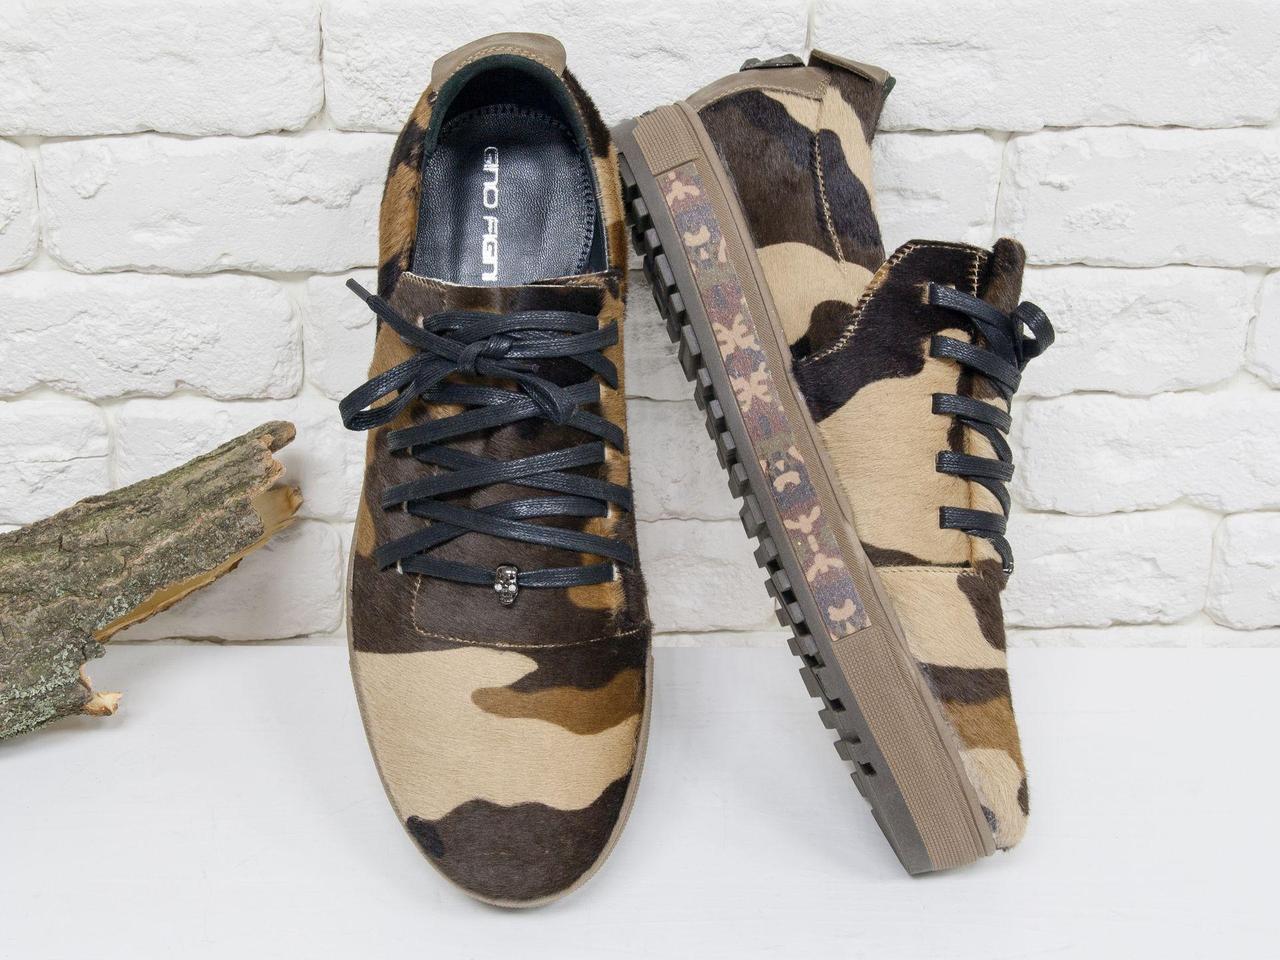 """Эксклюзивные мужские туфли из плотного меха пони с рисунком """"хаки"""" и натуральной кожи, на оригинальной подошве, Лимитированная серия, М-1"""